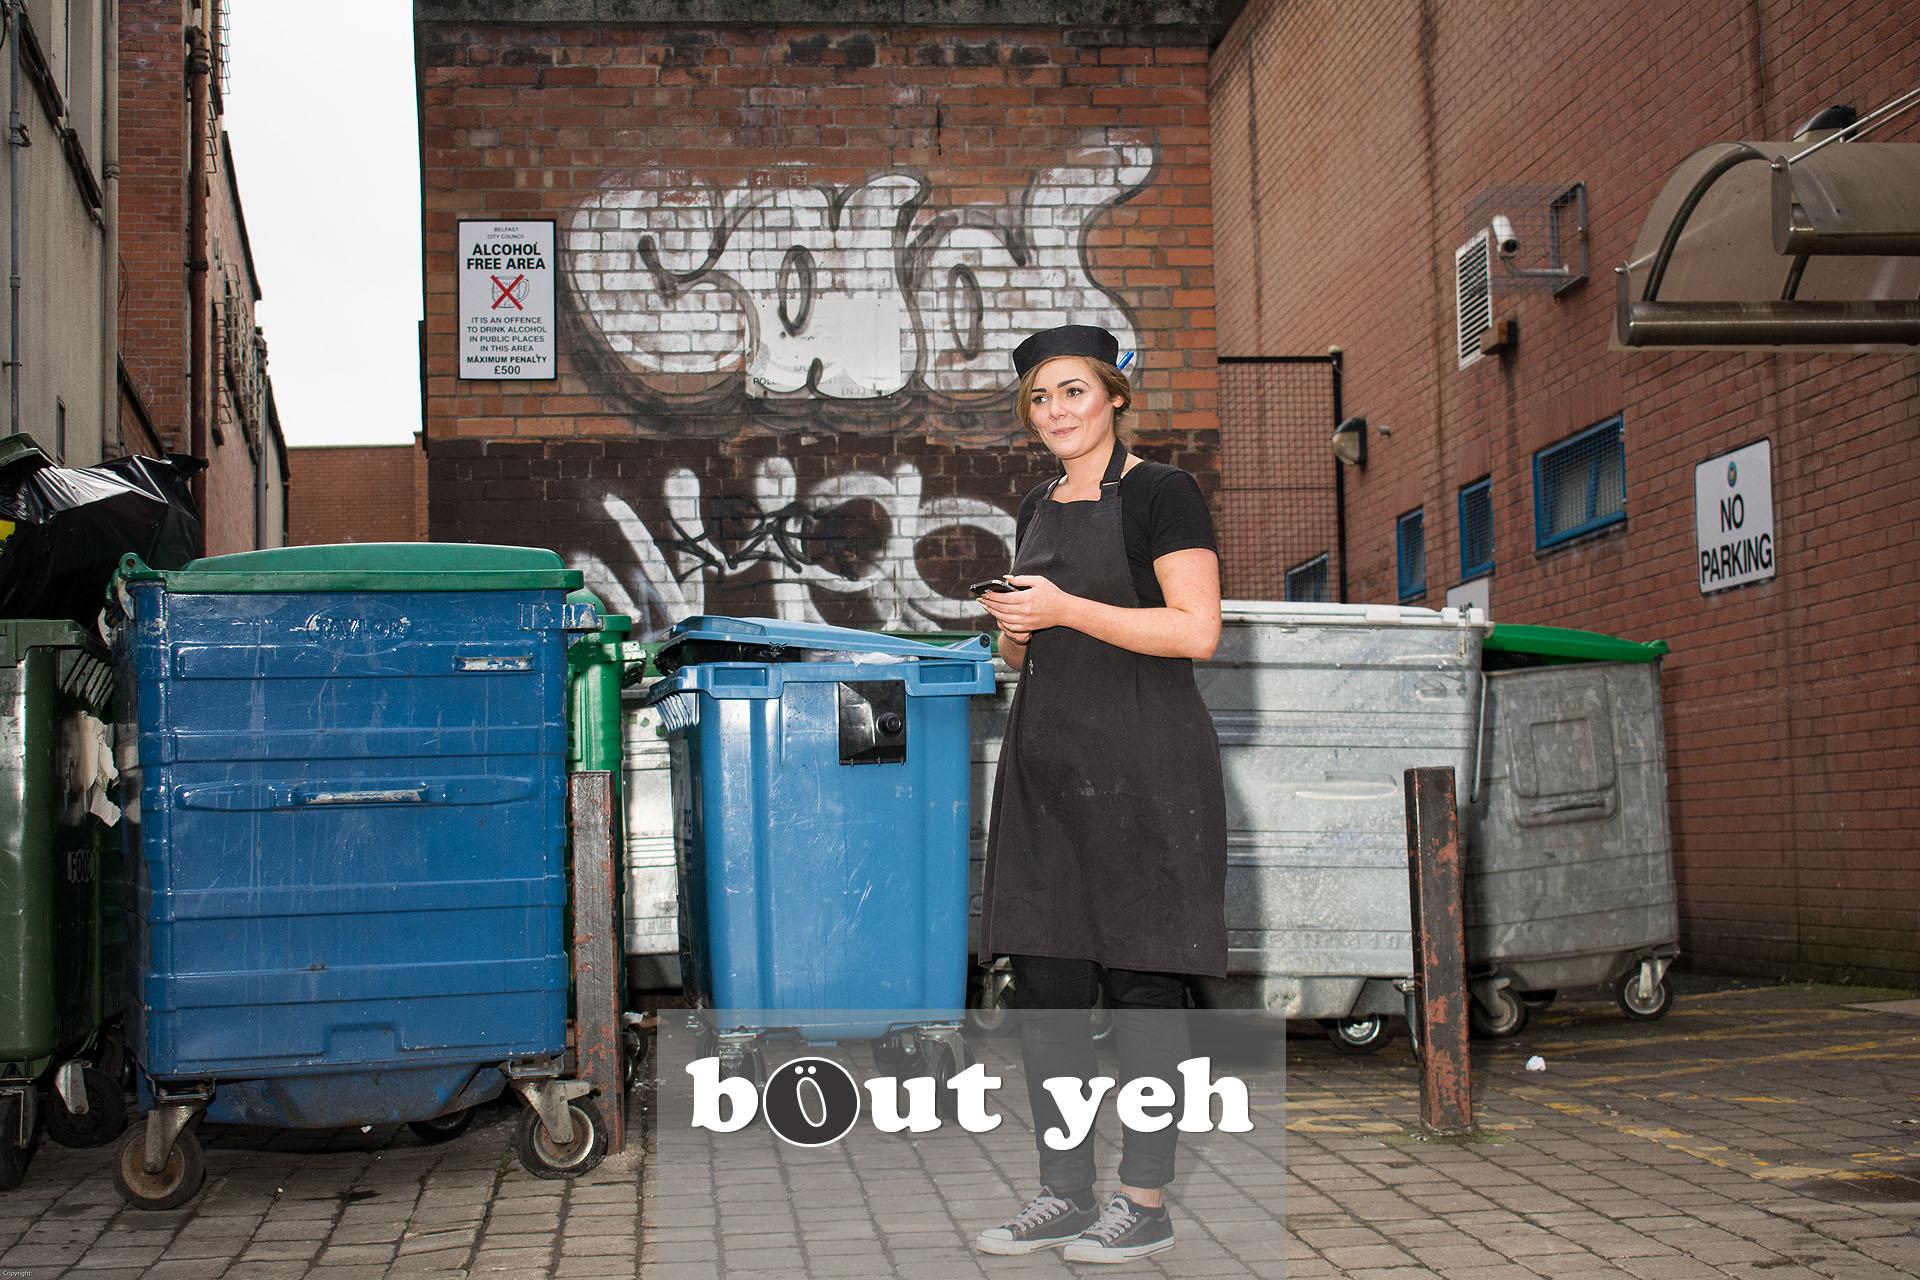 Beautician taking break outside, in Belfast city centre. Photo 3188.